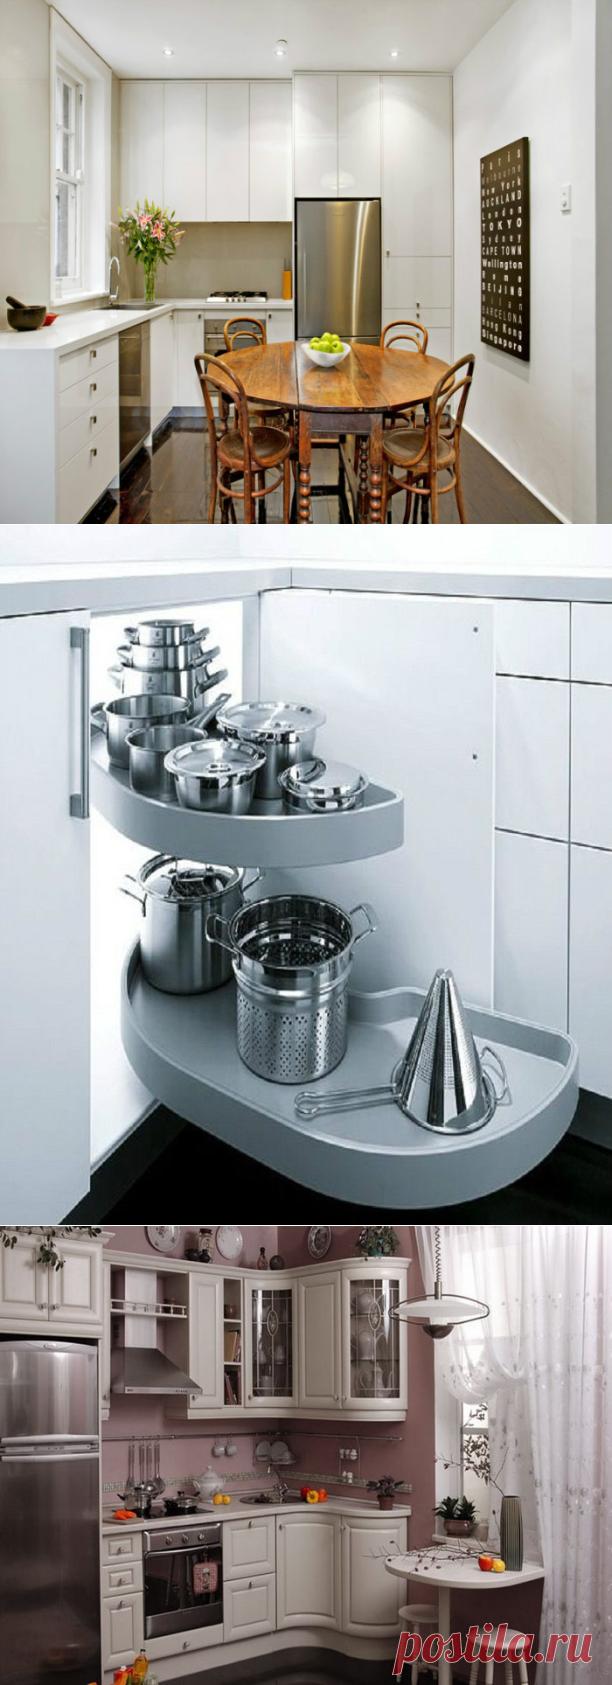 Организовываем пространство на маленькой кухне